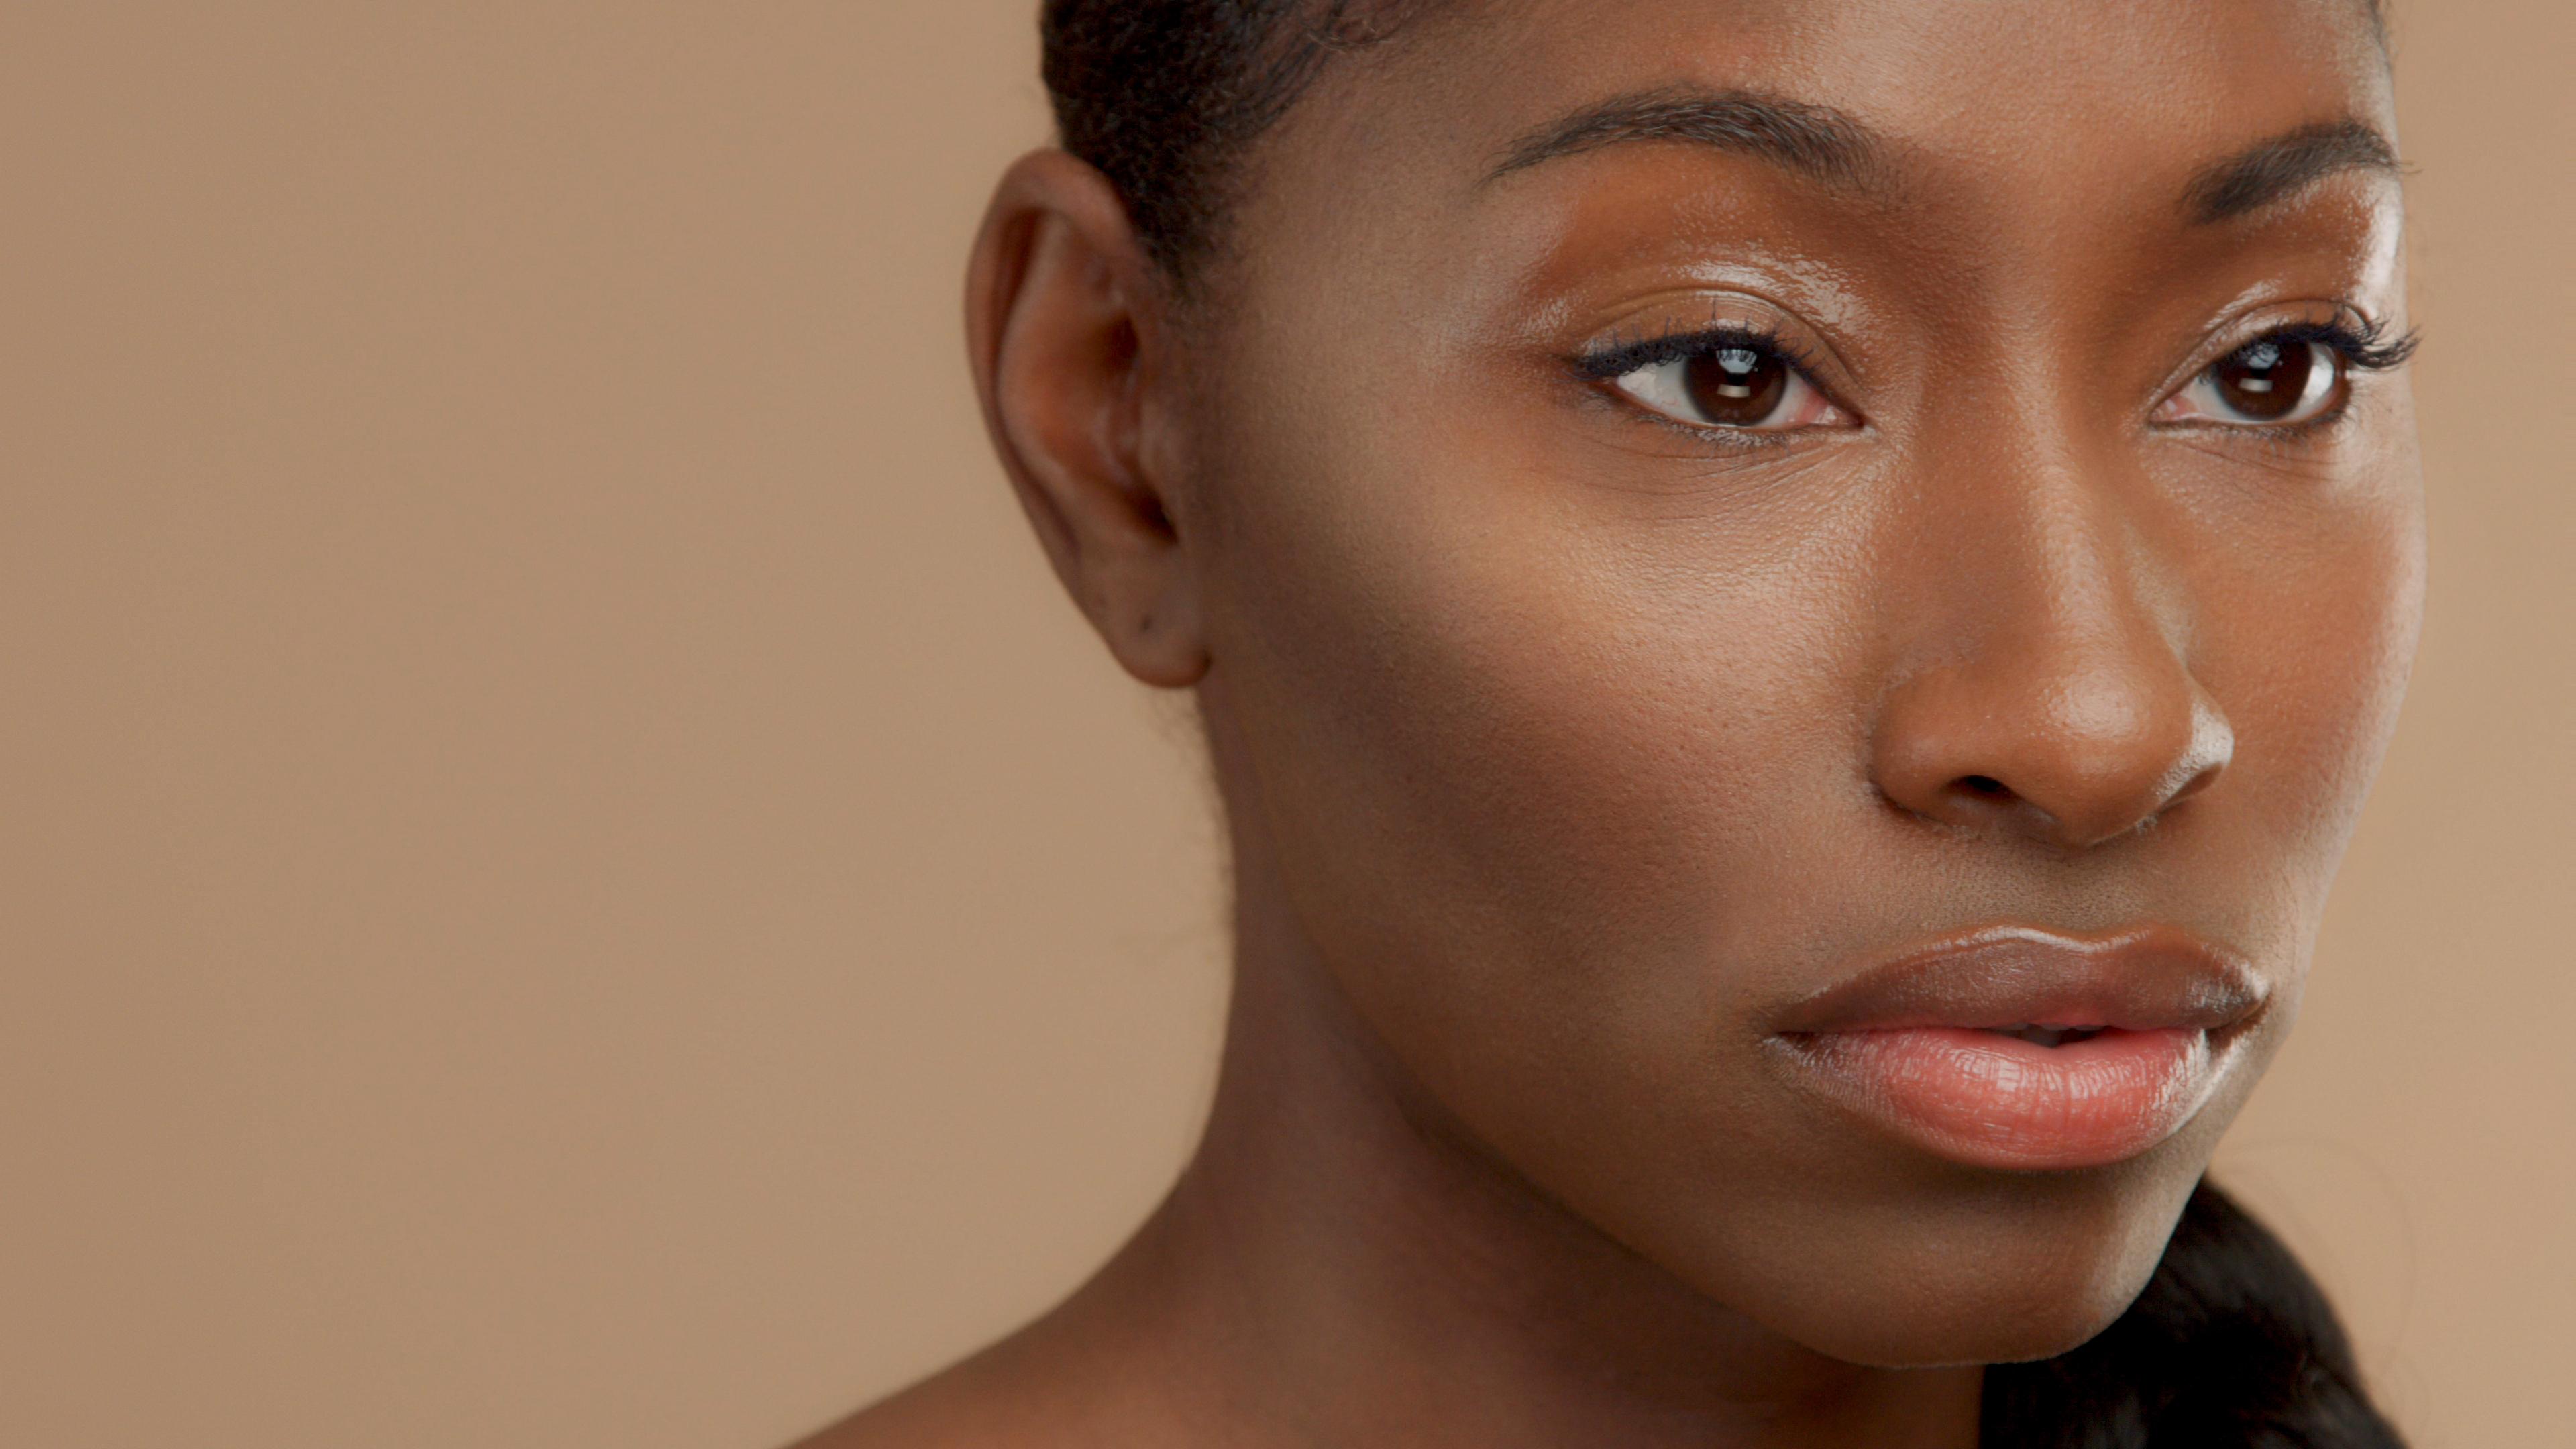 Здоровье кожи. Идеальная кожи